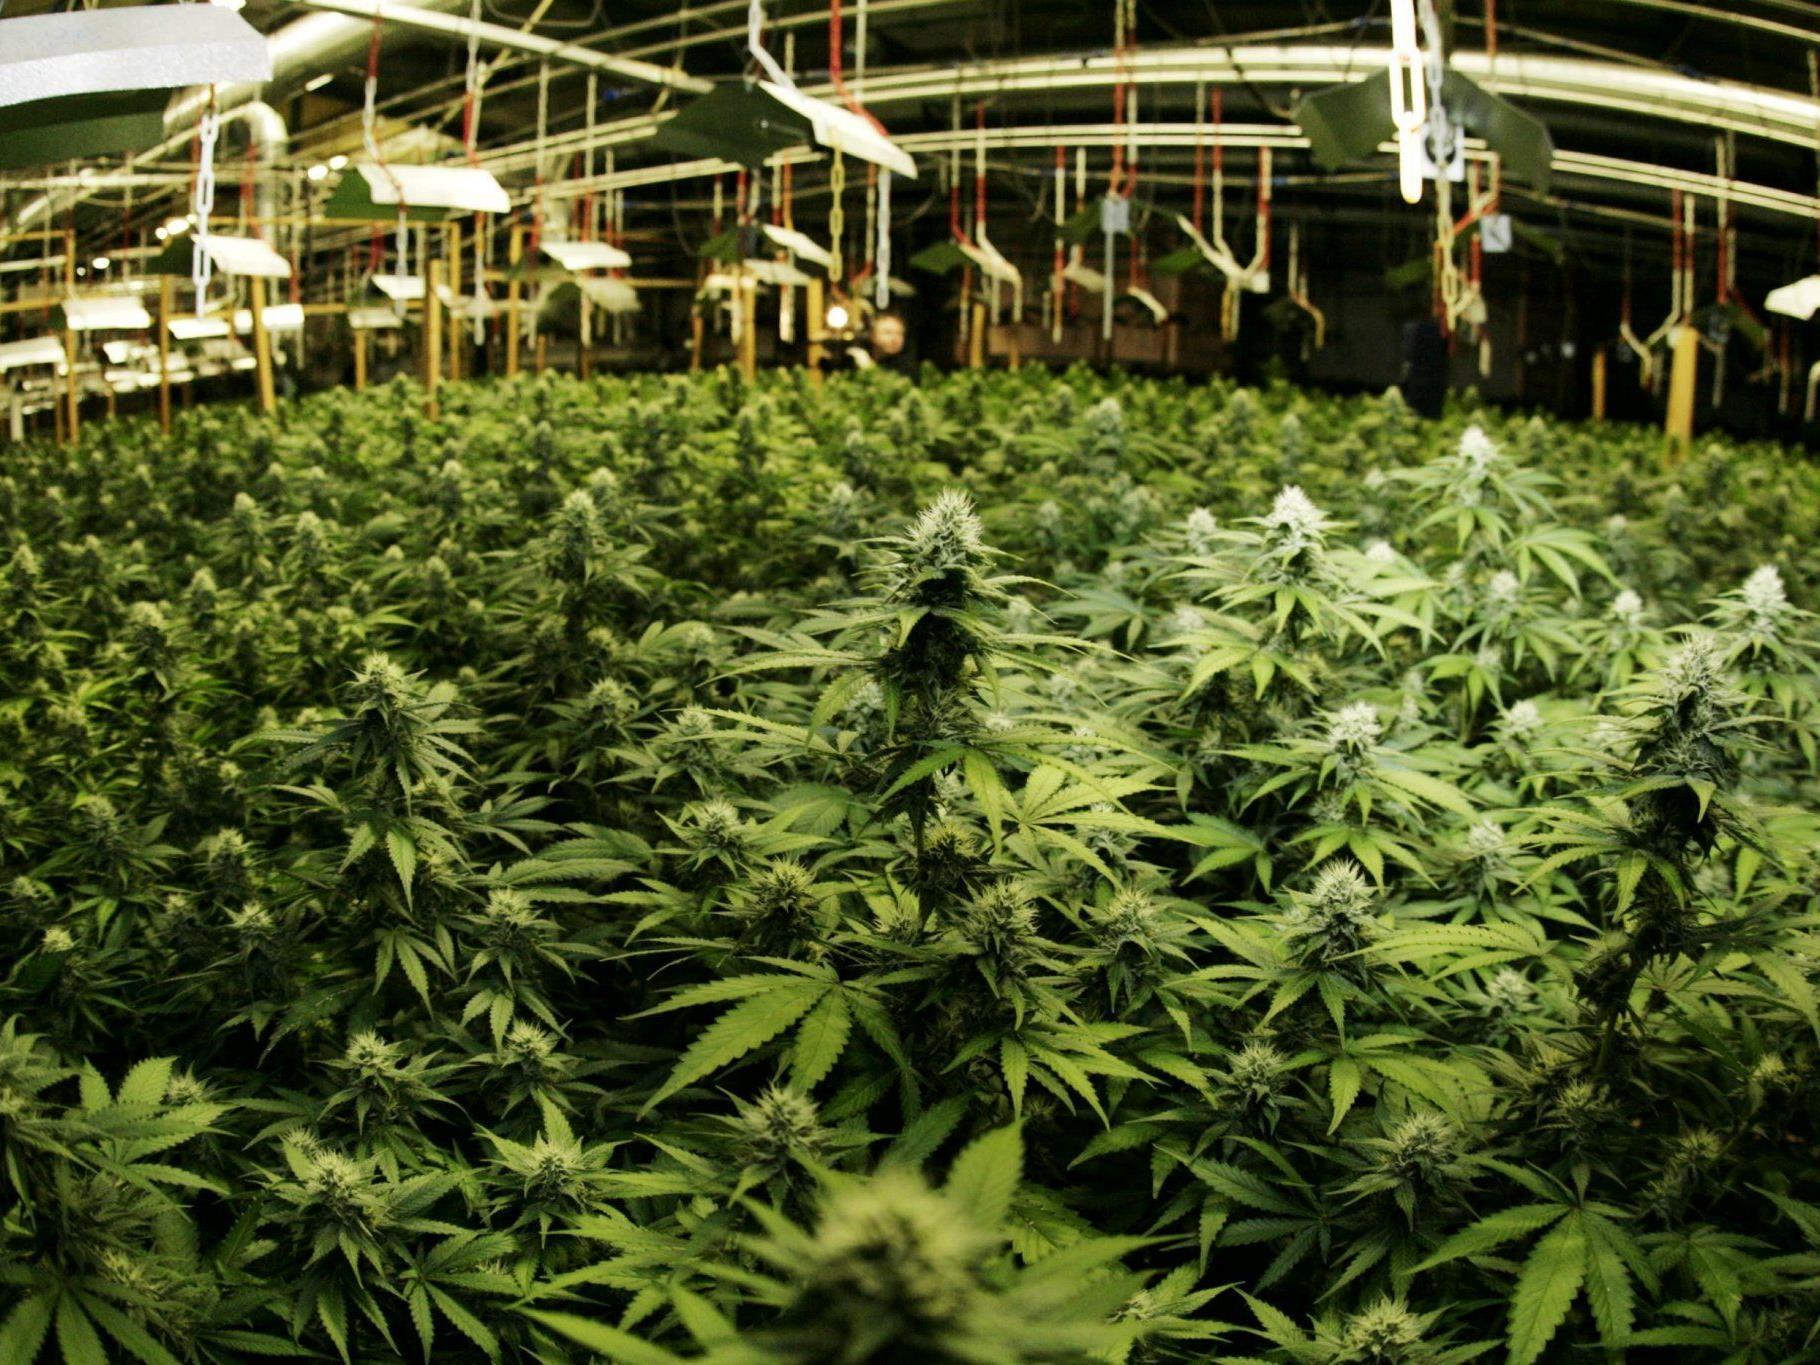 Mehr als 200 Pflanzen wurden sichergestellt.